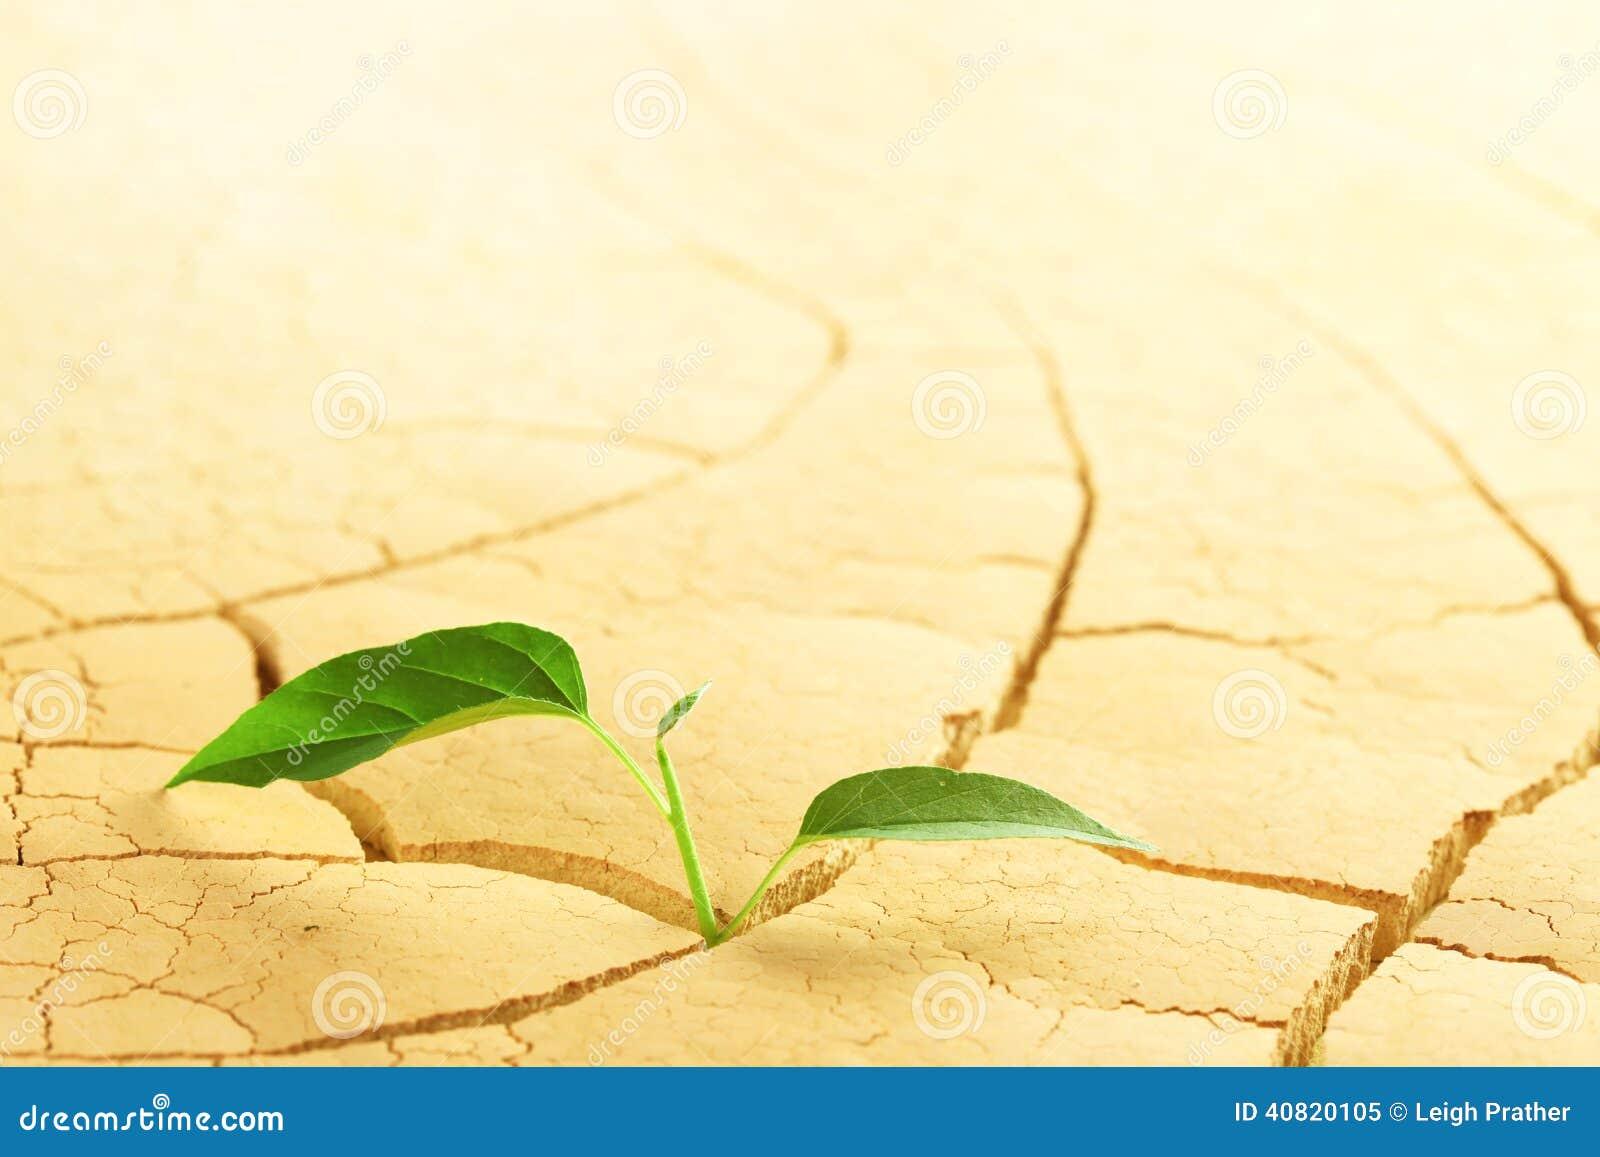 planta no deserto foto de stock